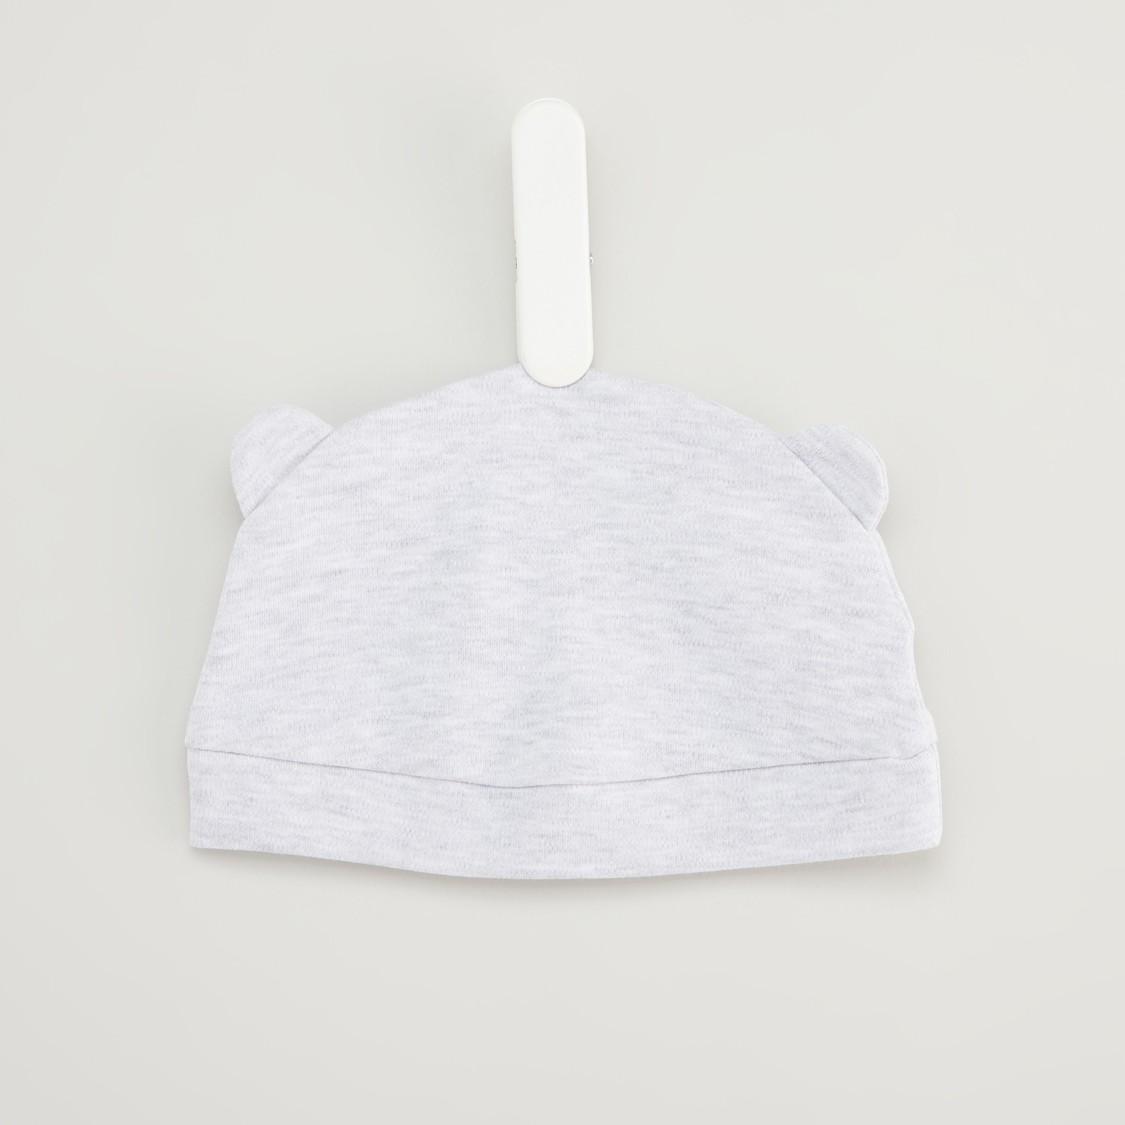 طقم نوم بأكمام طويلة وقبعة وطبعات